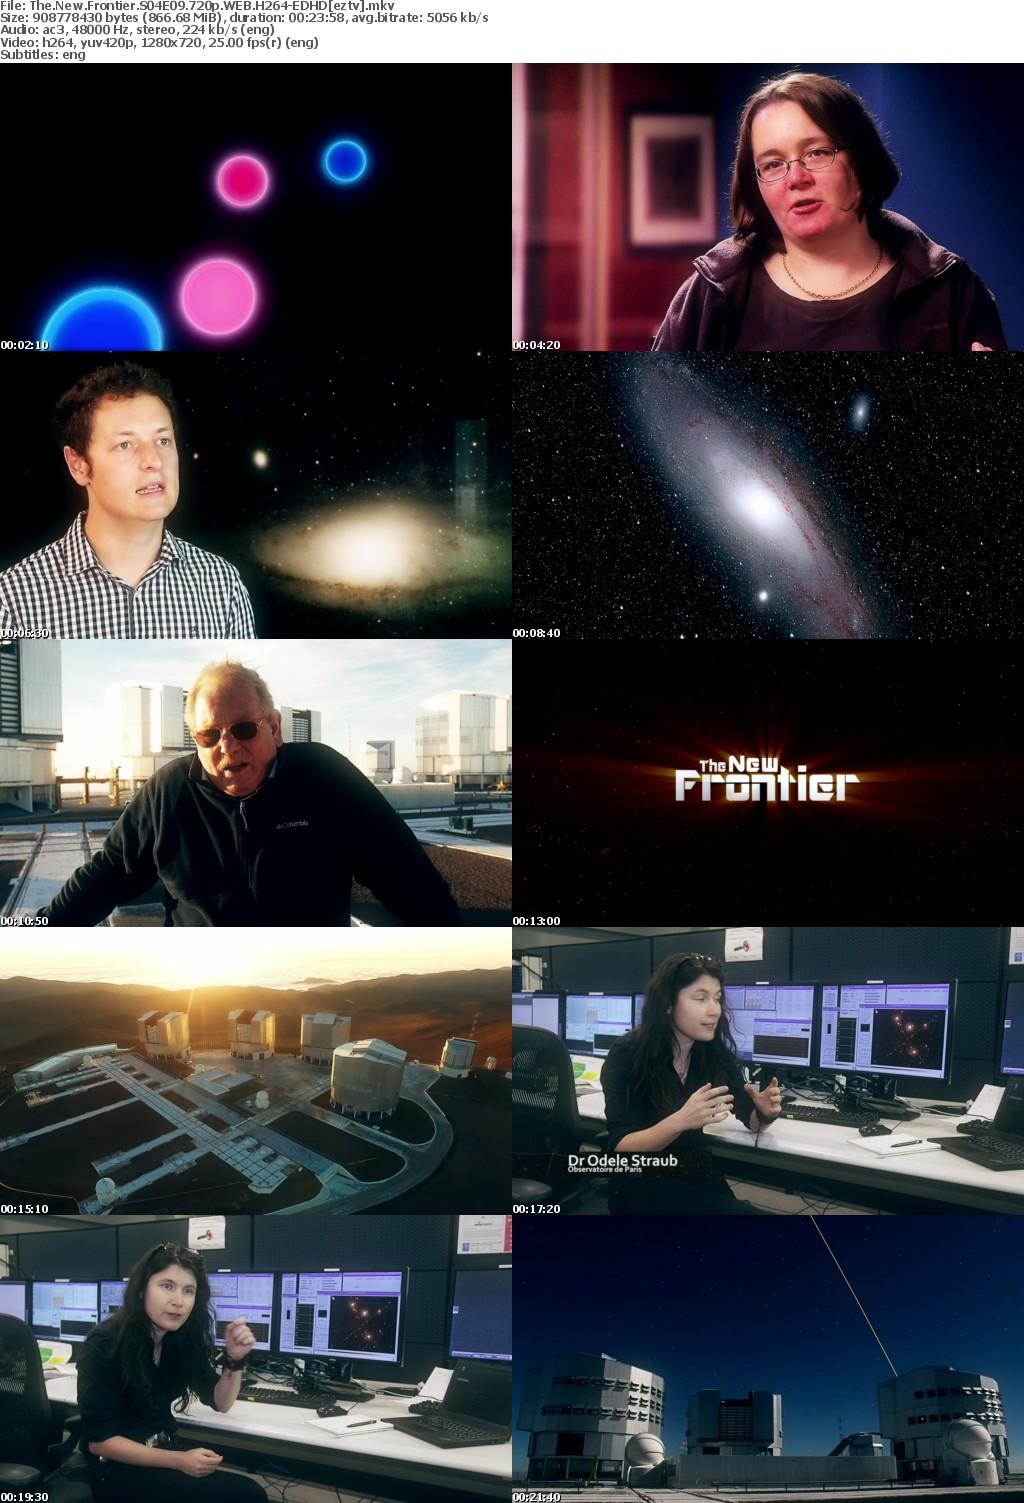 The New Frontier S04E09 720p WEB H264-EDHD